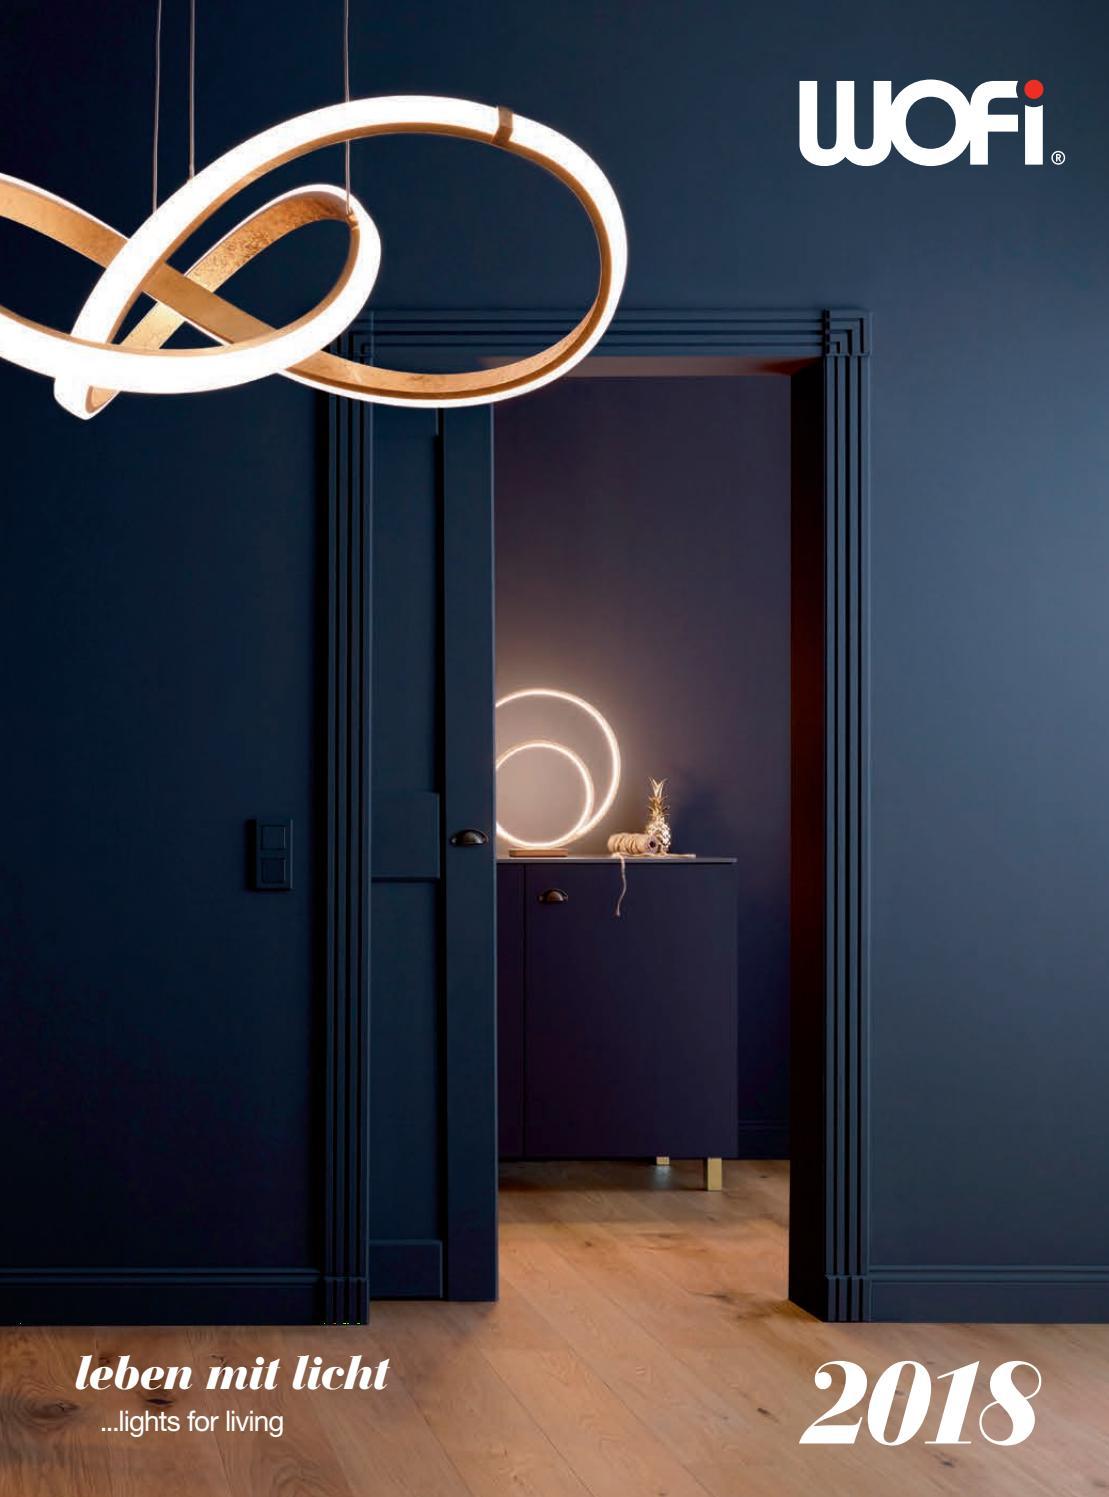 Touchdimmer Wofi-Leuchten Höhe 42 cm Tischleuchte Chrom